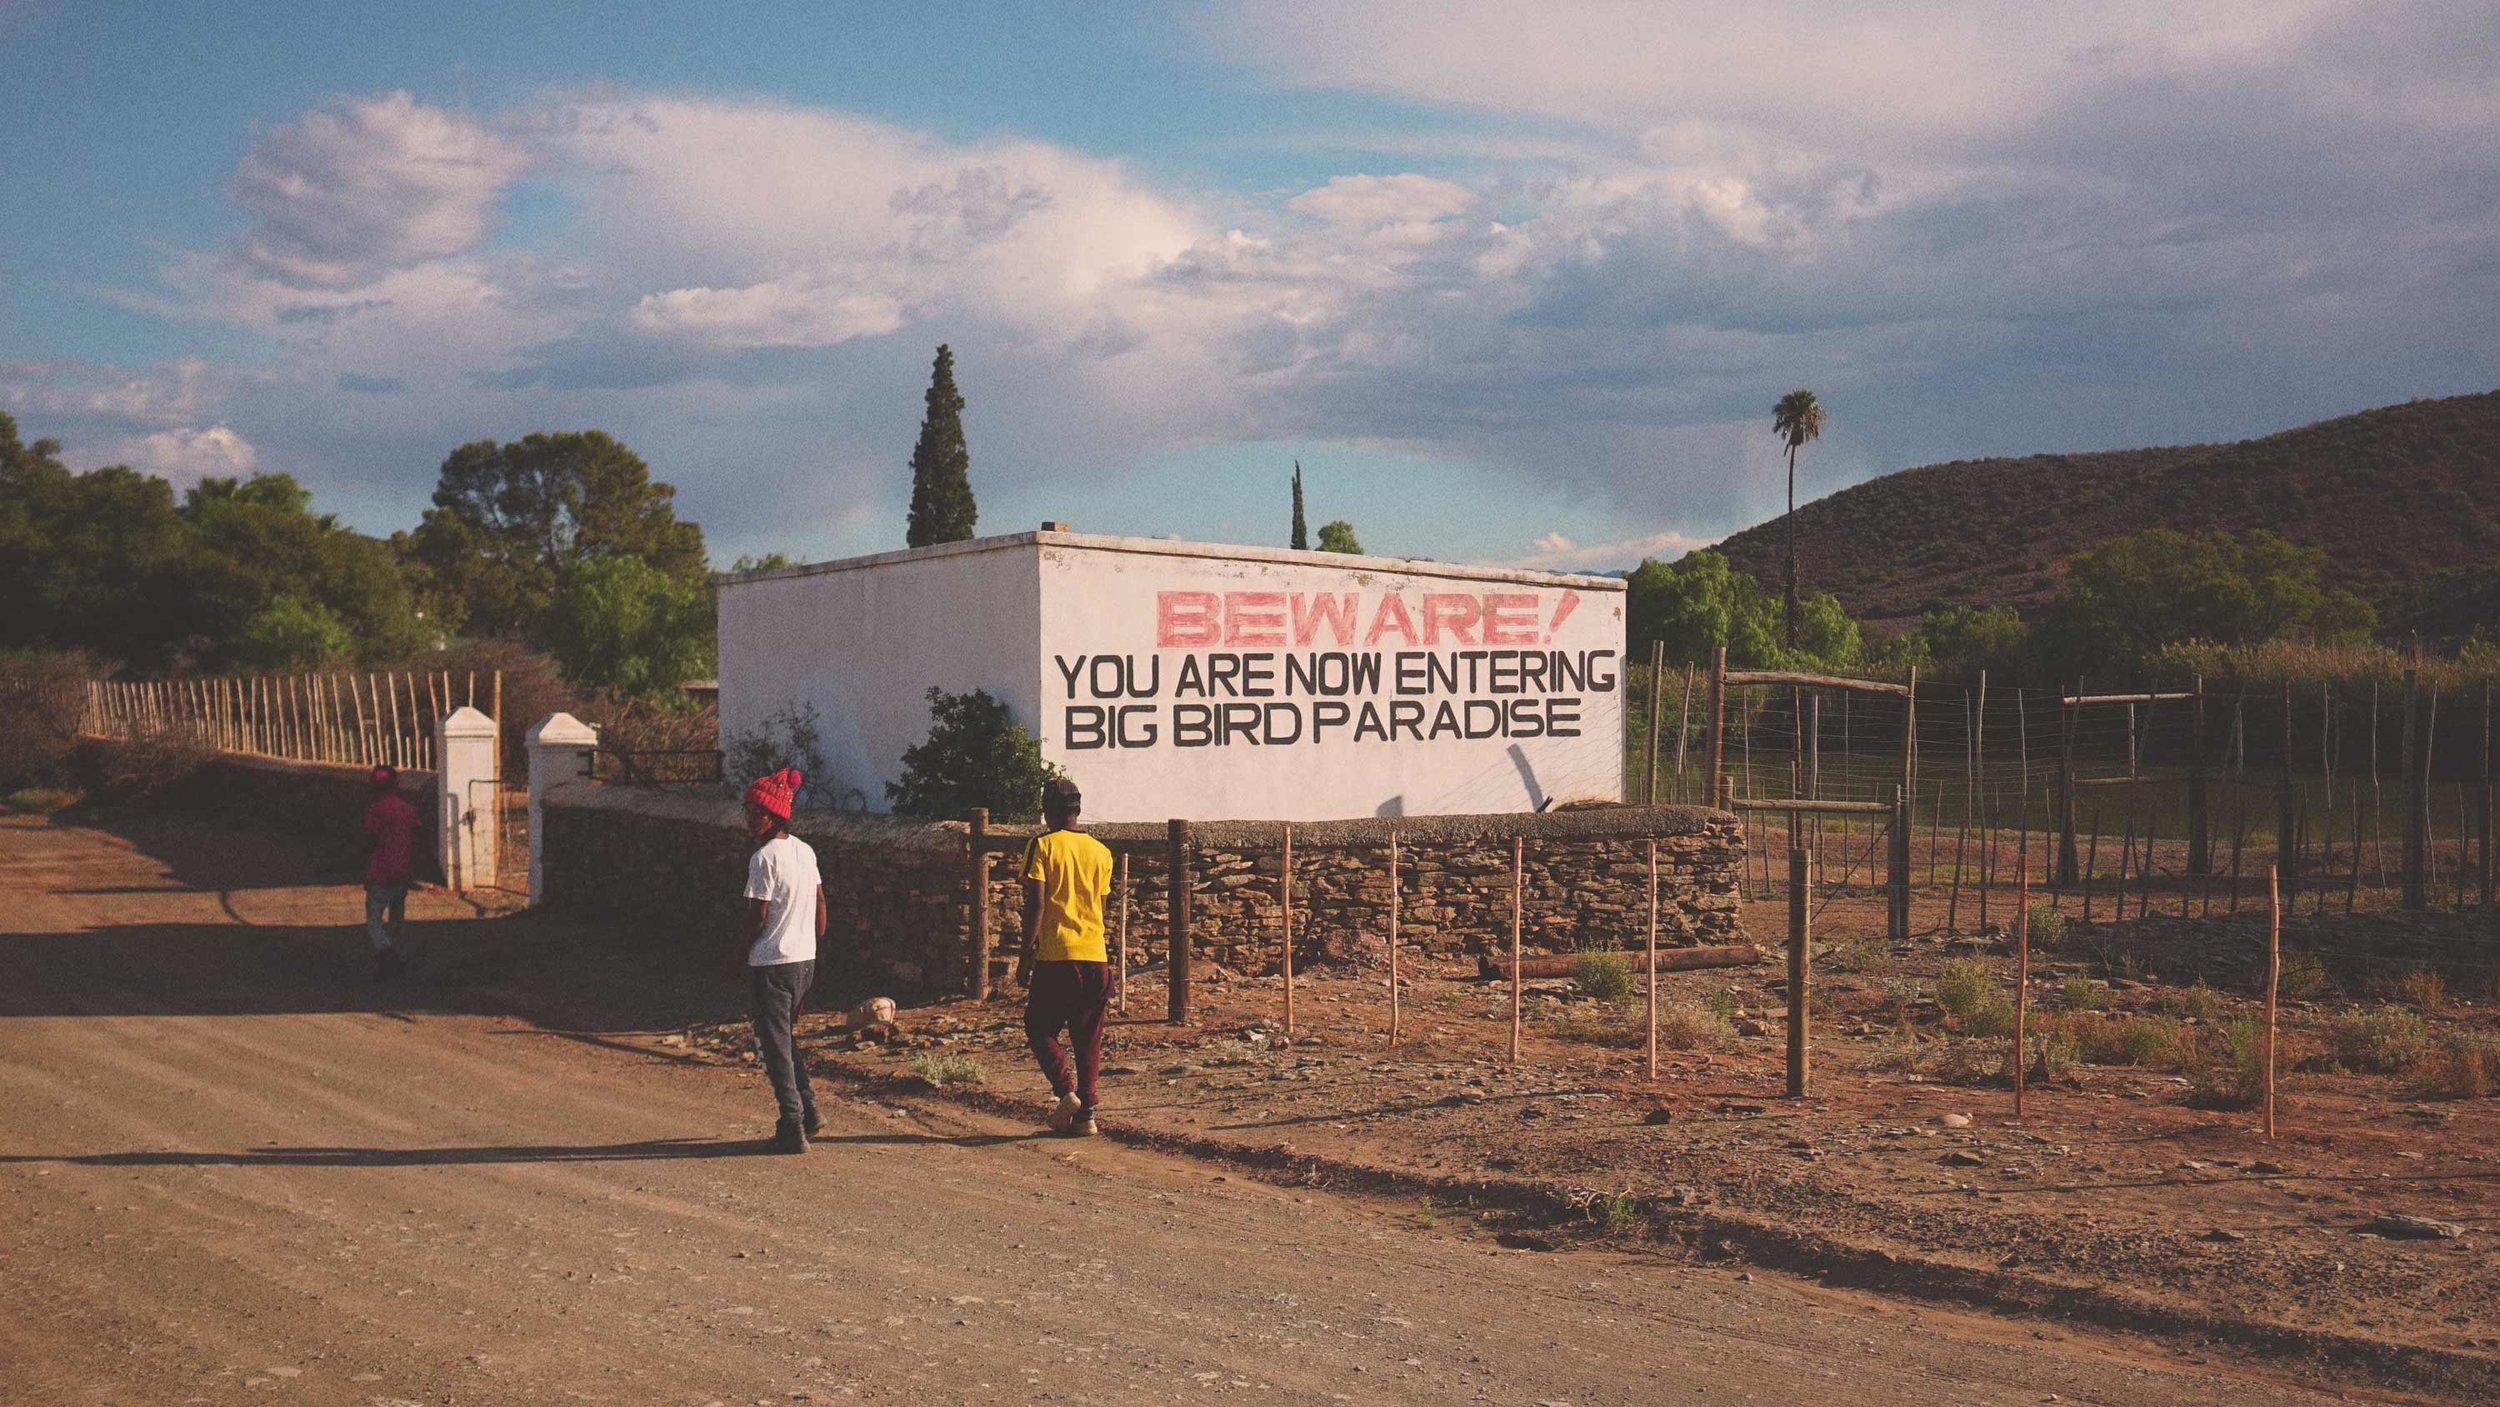 09_Giepert_South_Africa.jpg